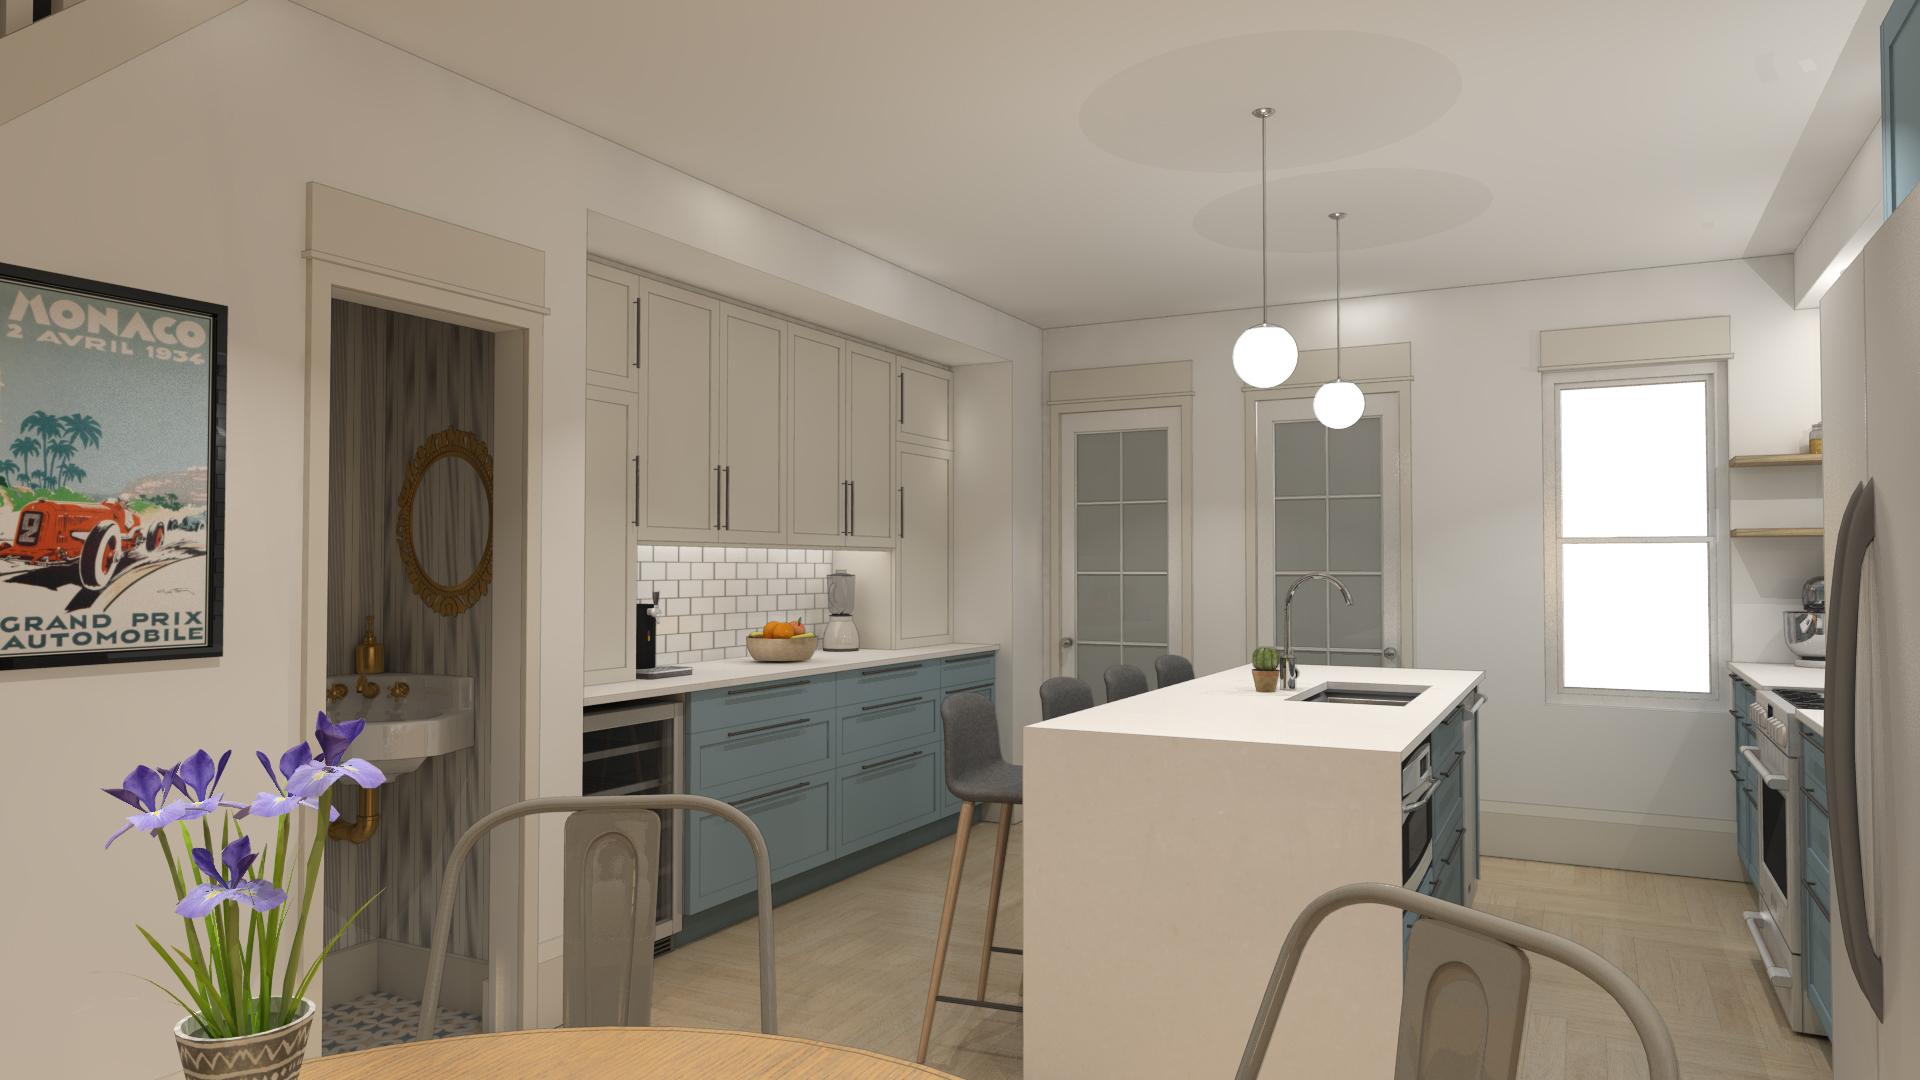 Residential Interior renovation